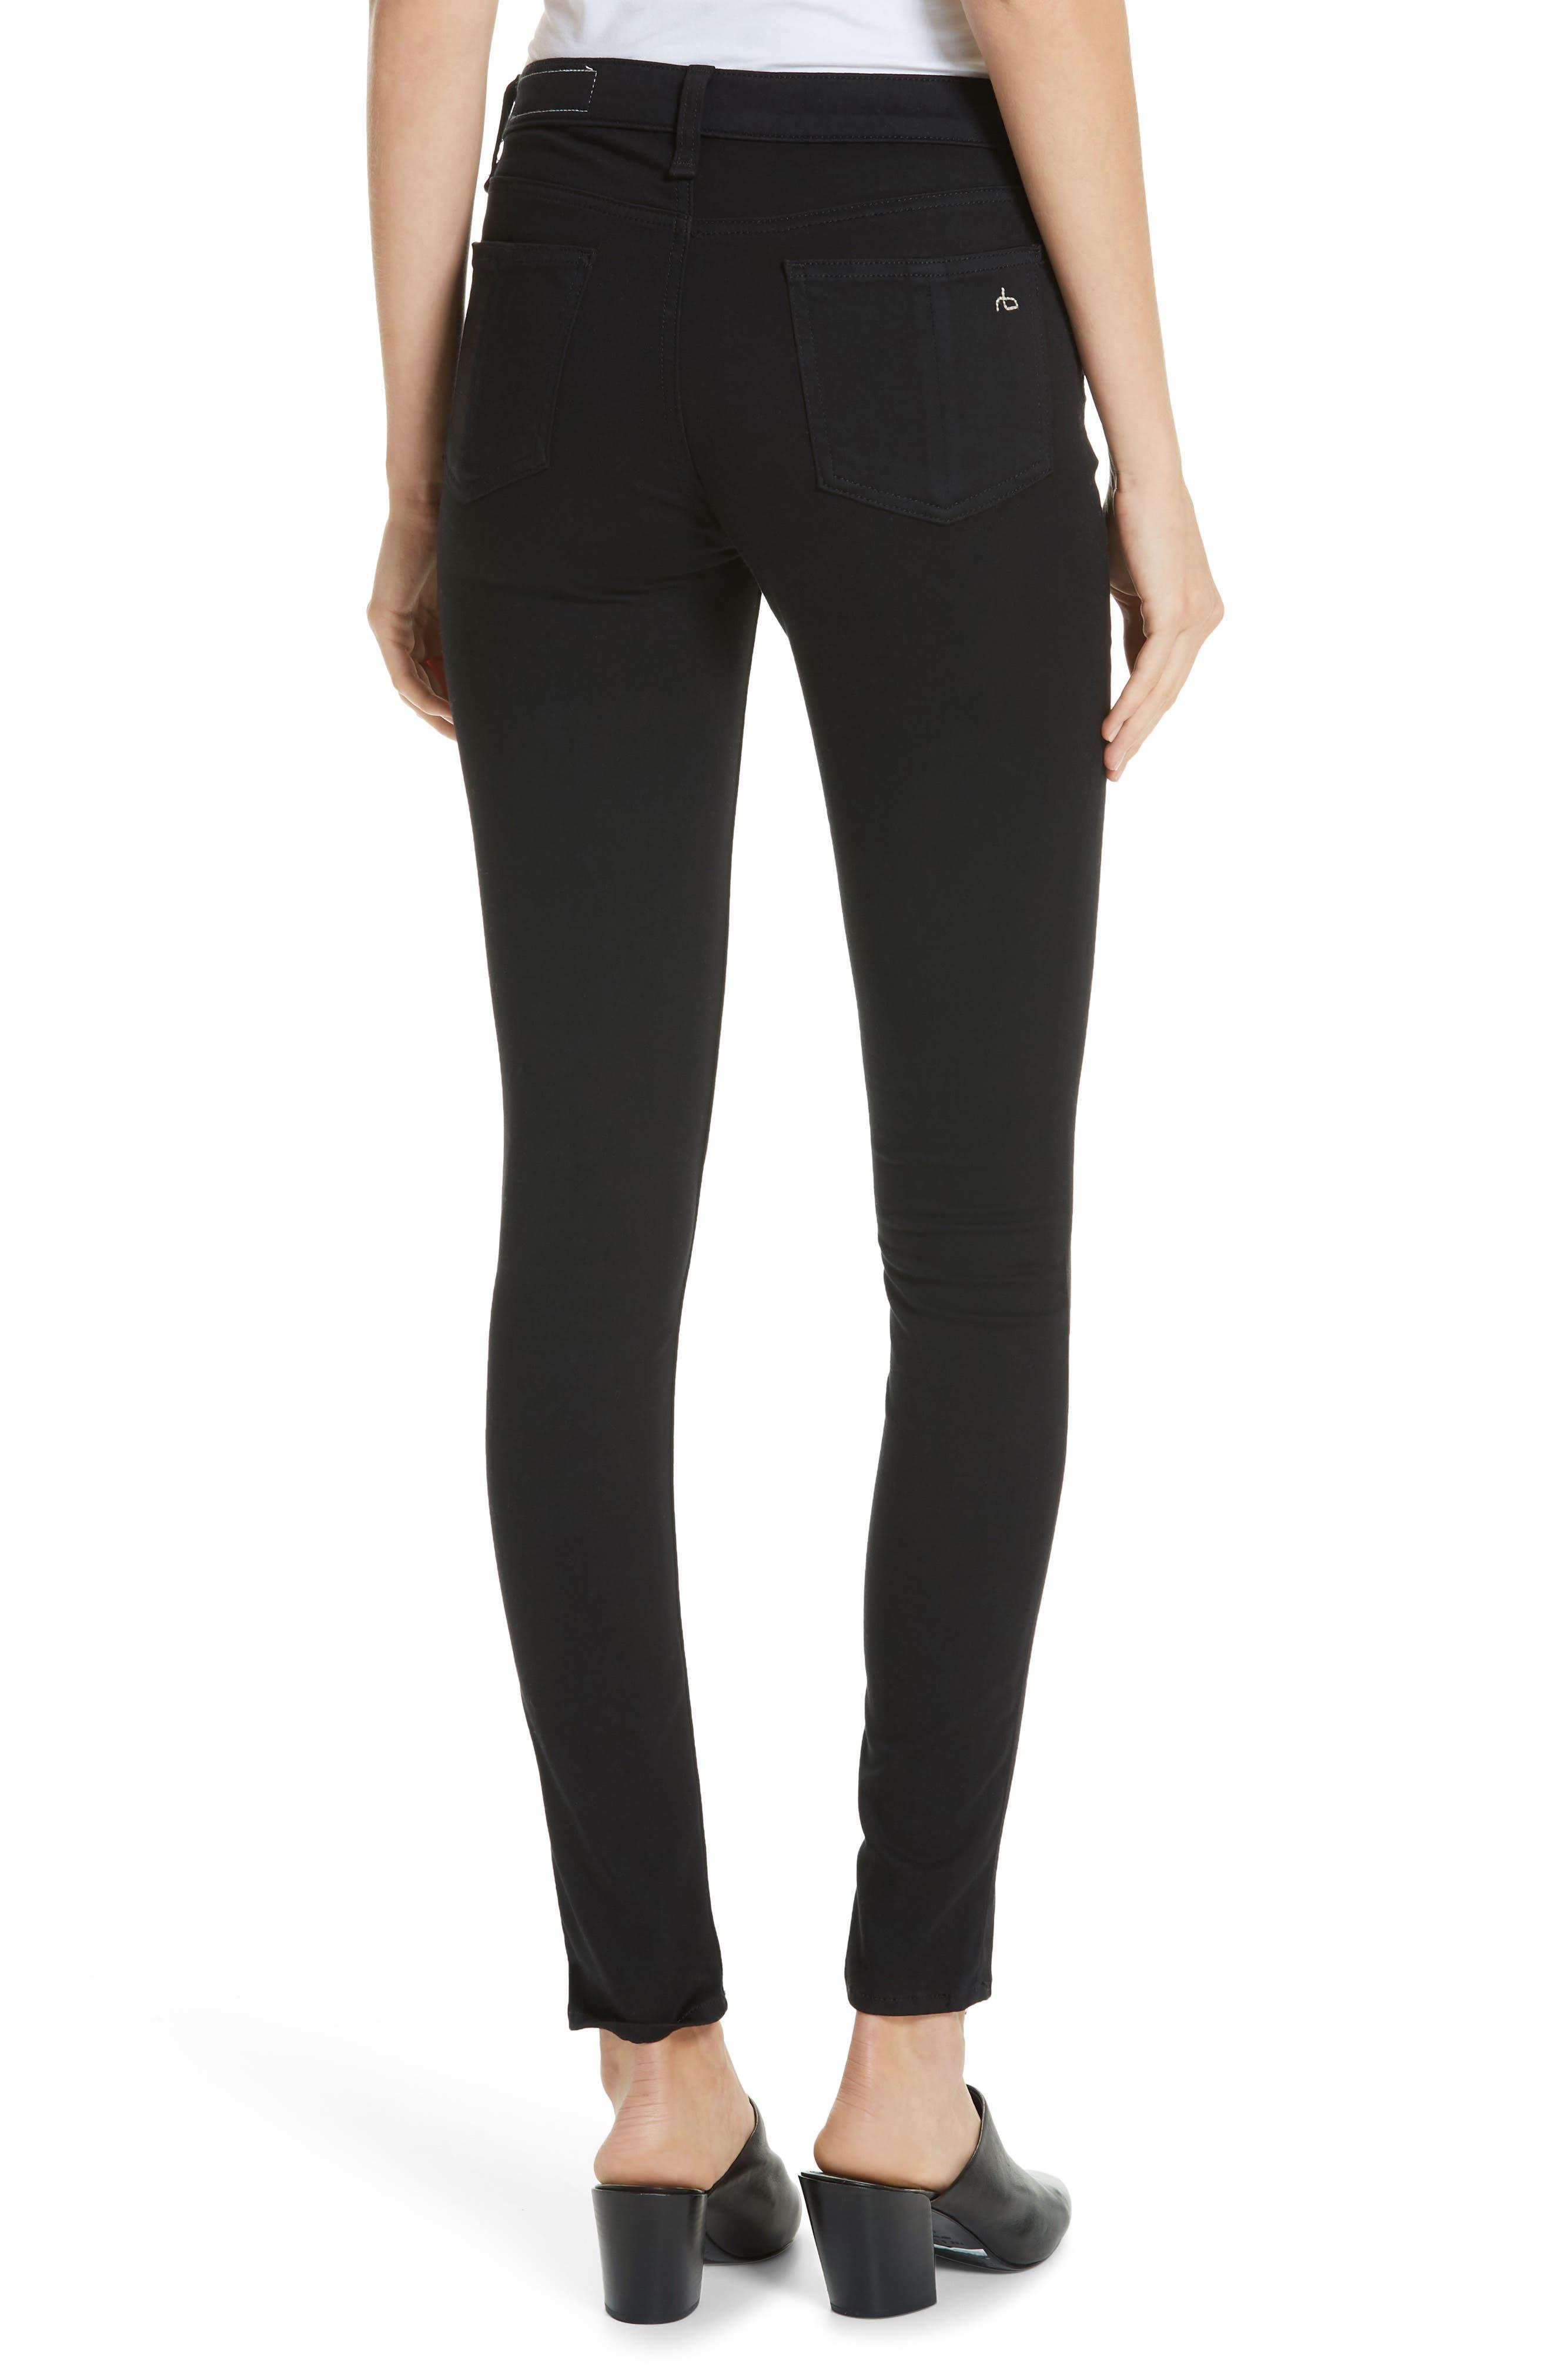 RAG & BONE, High Waist Ankle Skinny Jeans, Alternate thumbnail 2, color, BLACK